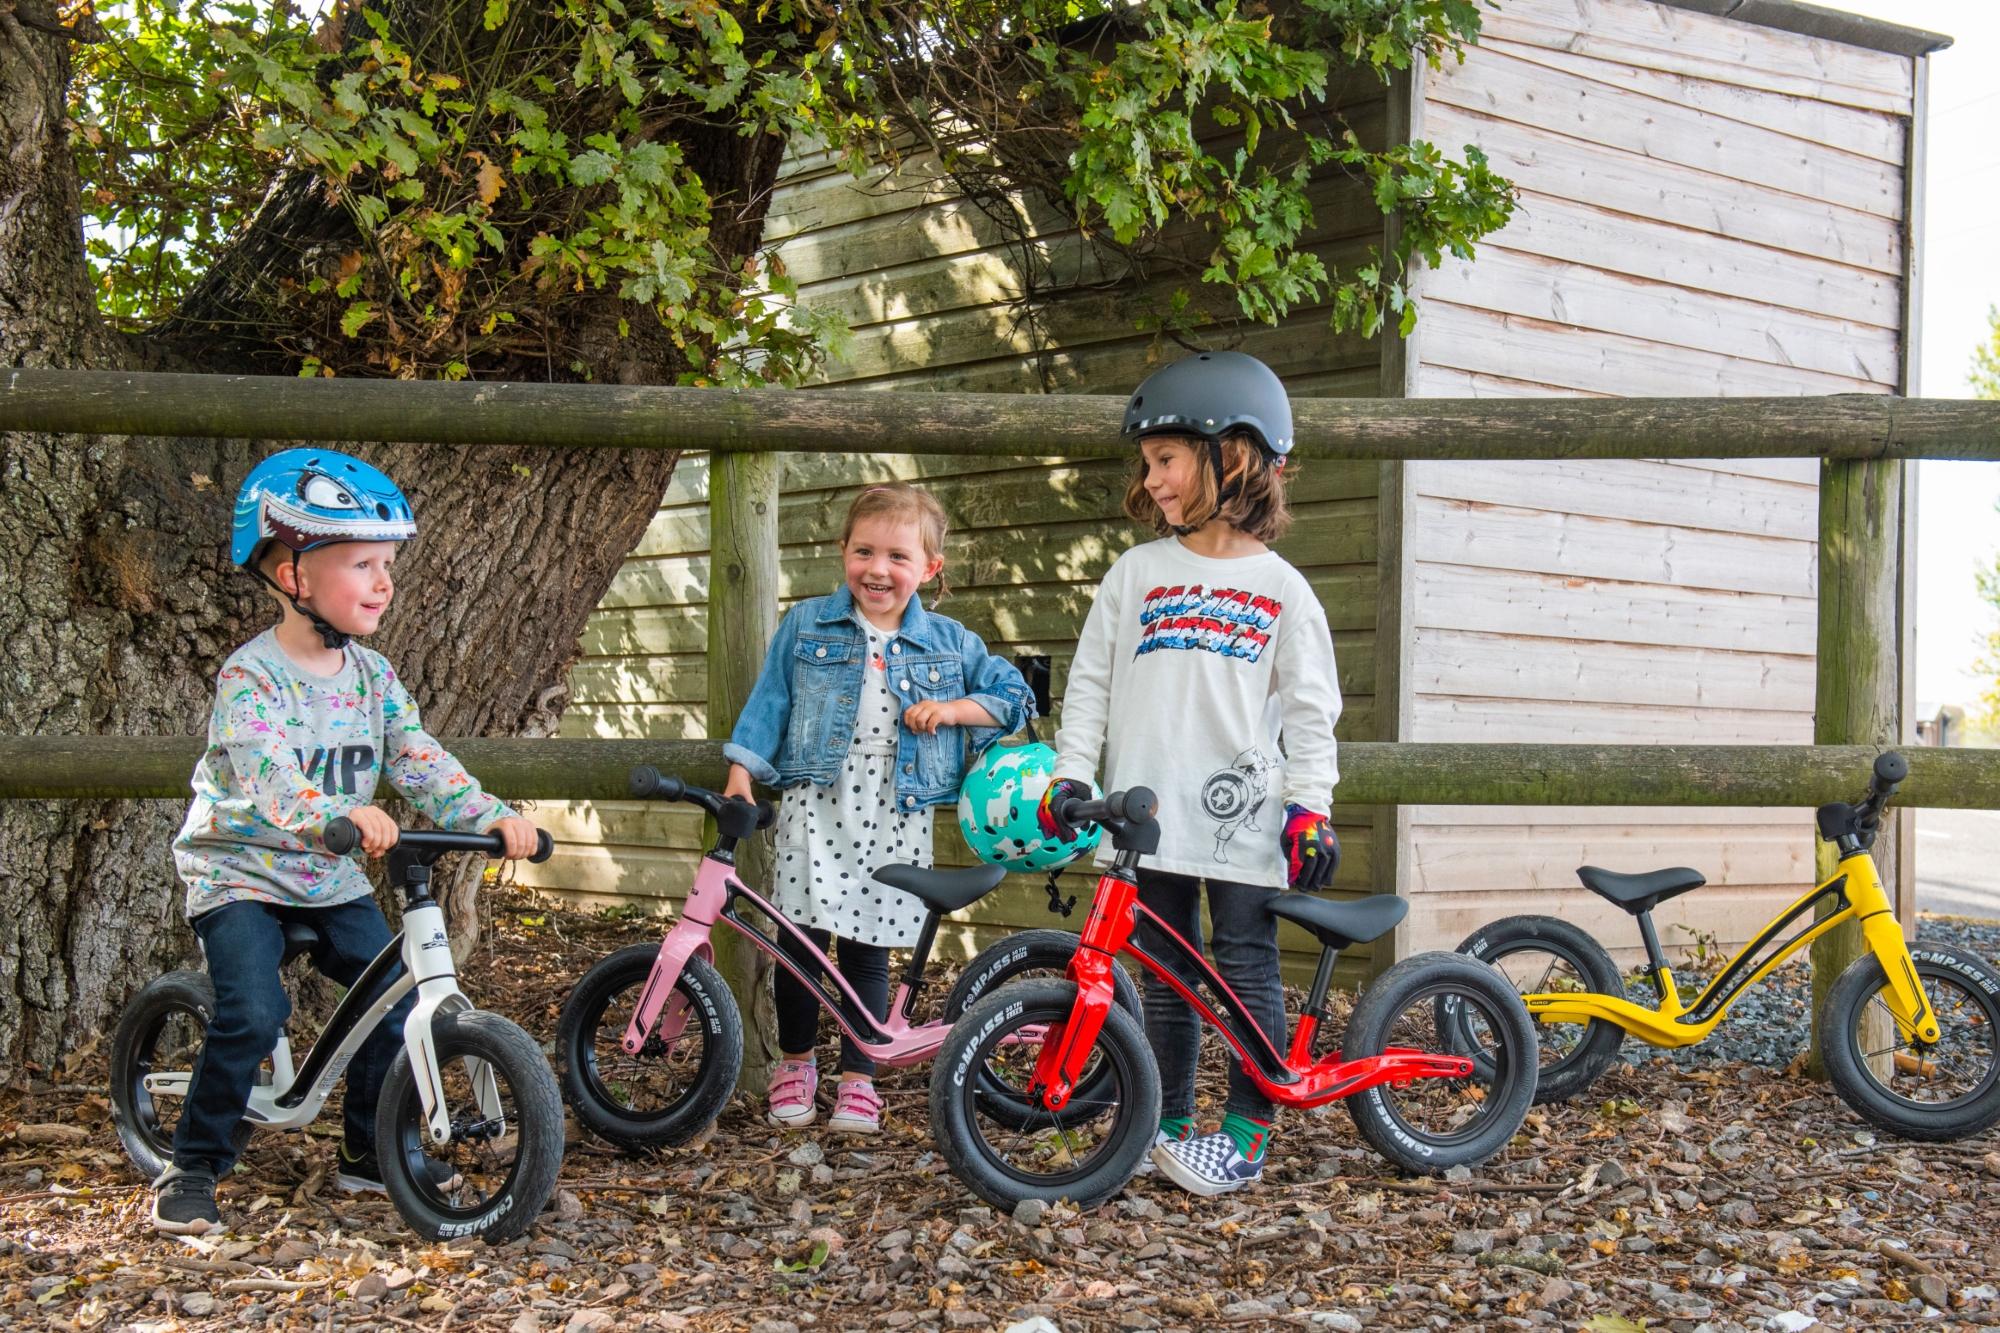 Hornit AIRO Laufrad: Der perfekte Einstieg in das Radfahren